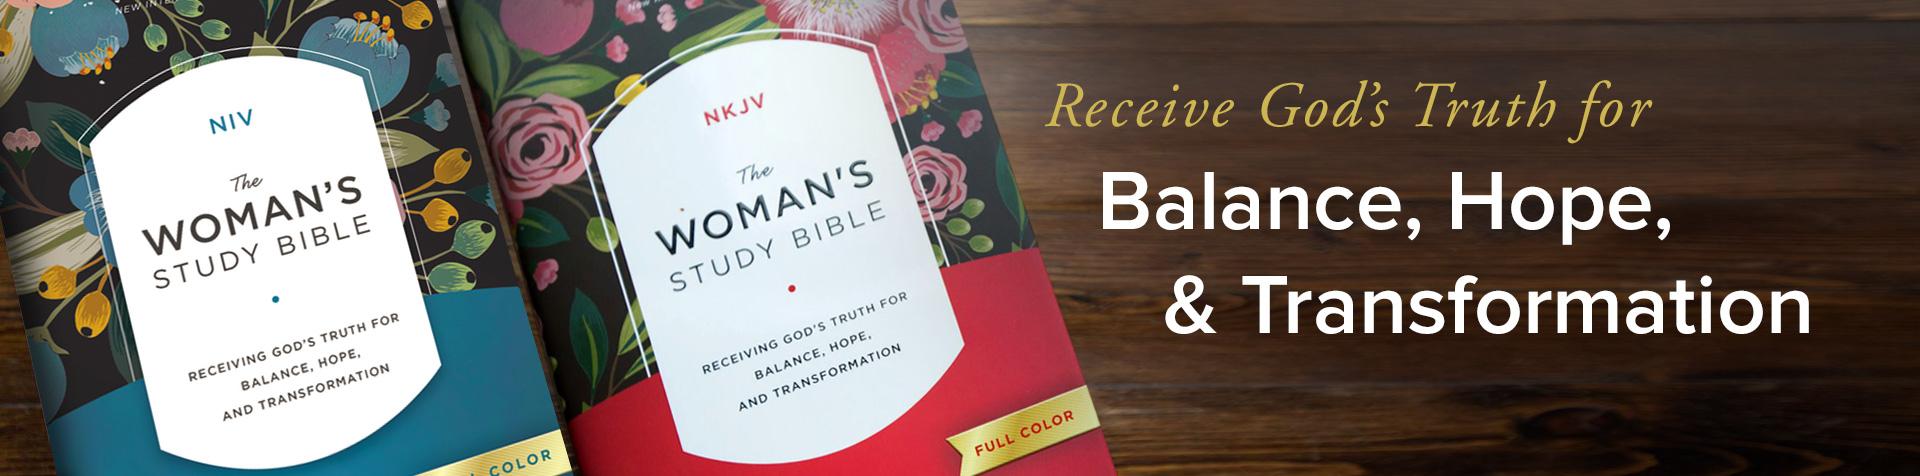 Woman's Study Bible NIV, NKJV